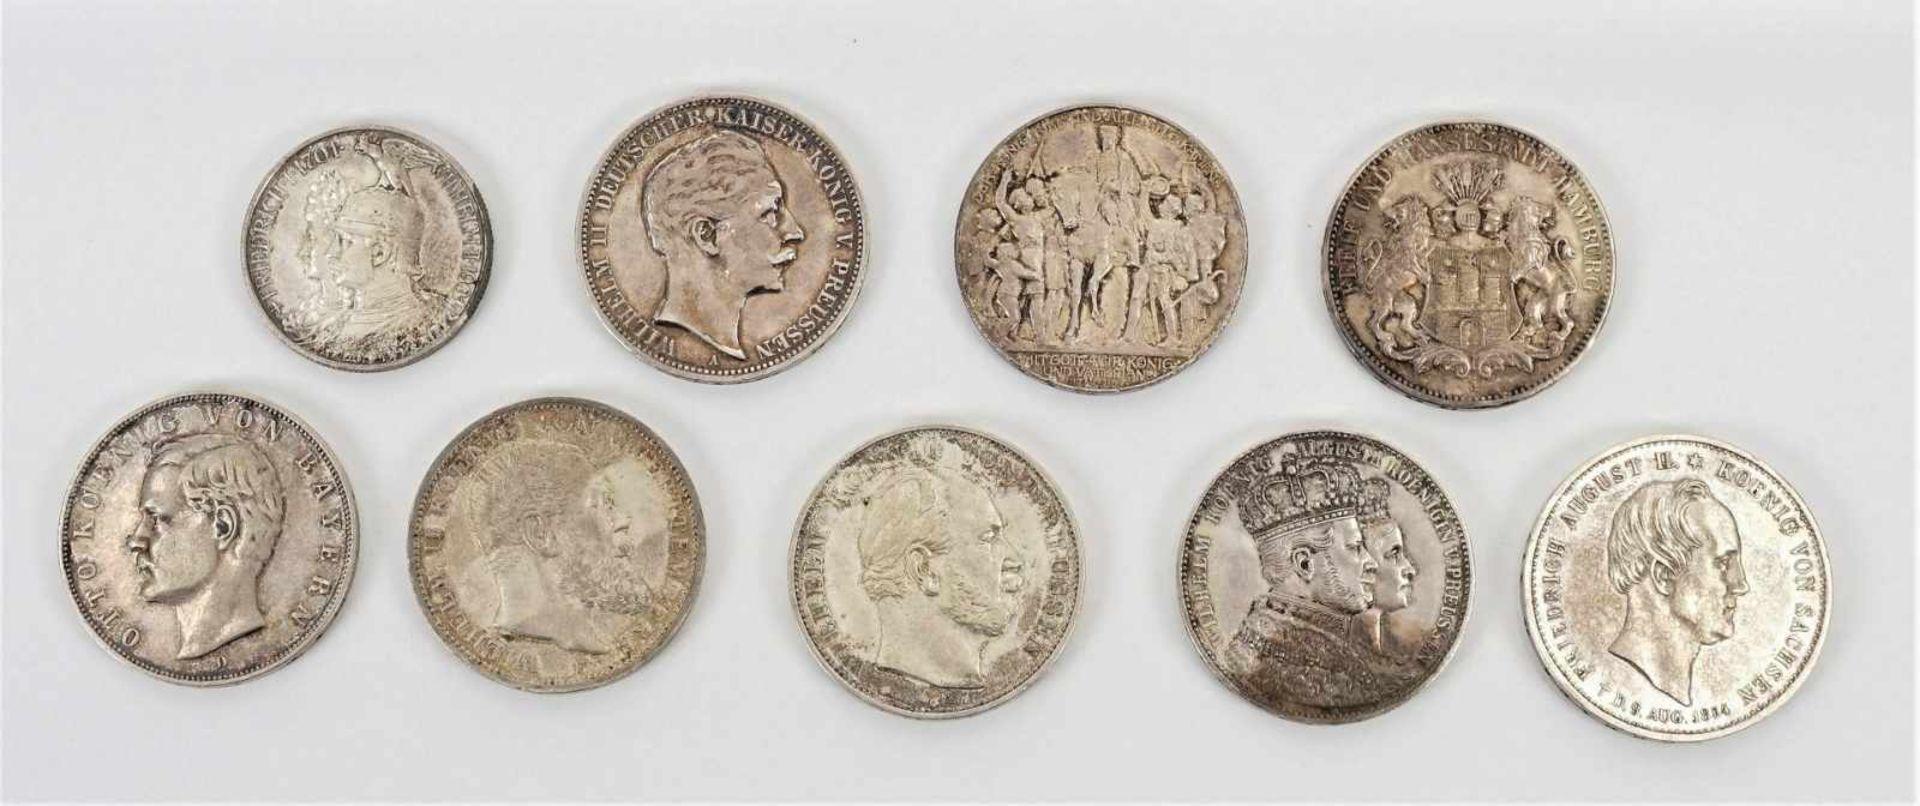 22 Münzen 1854-1936, davon 19 Silbermünzen - Bild 5 aus 7